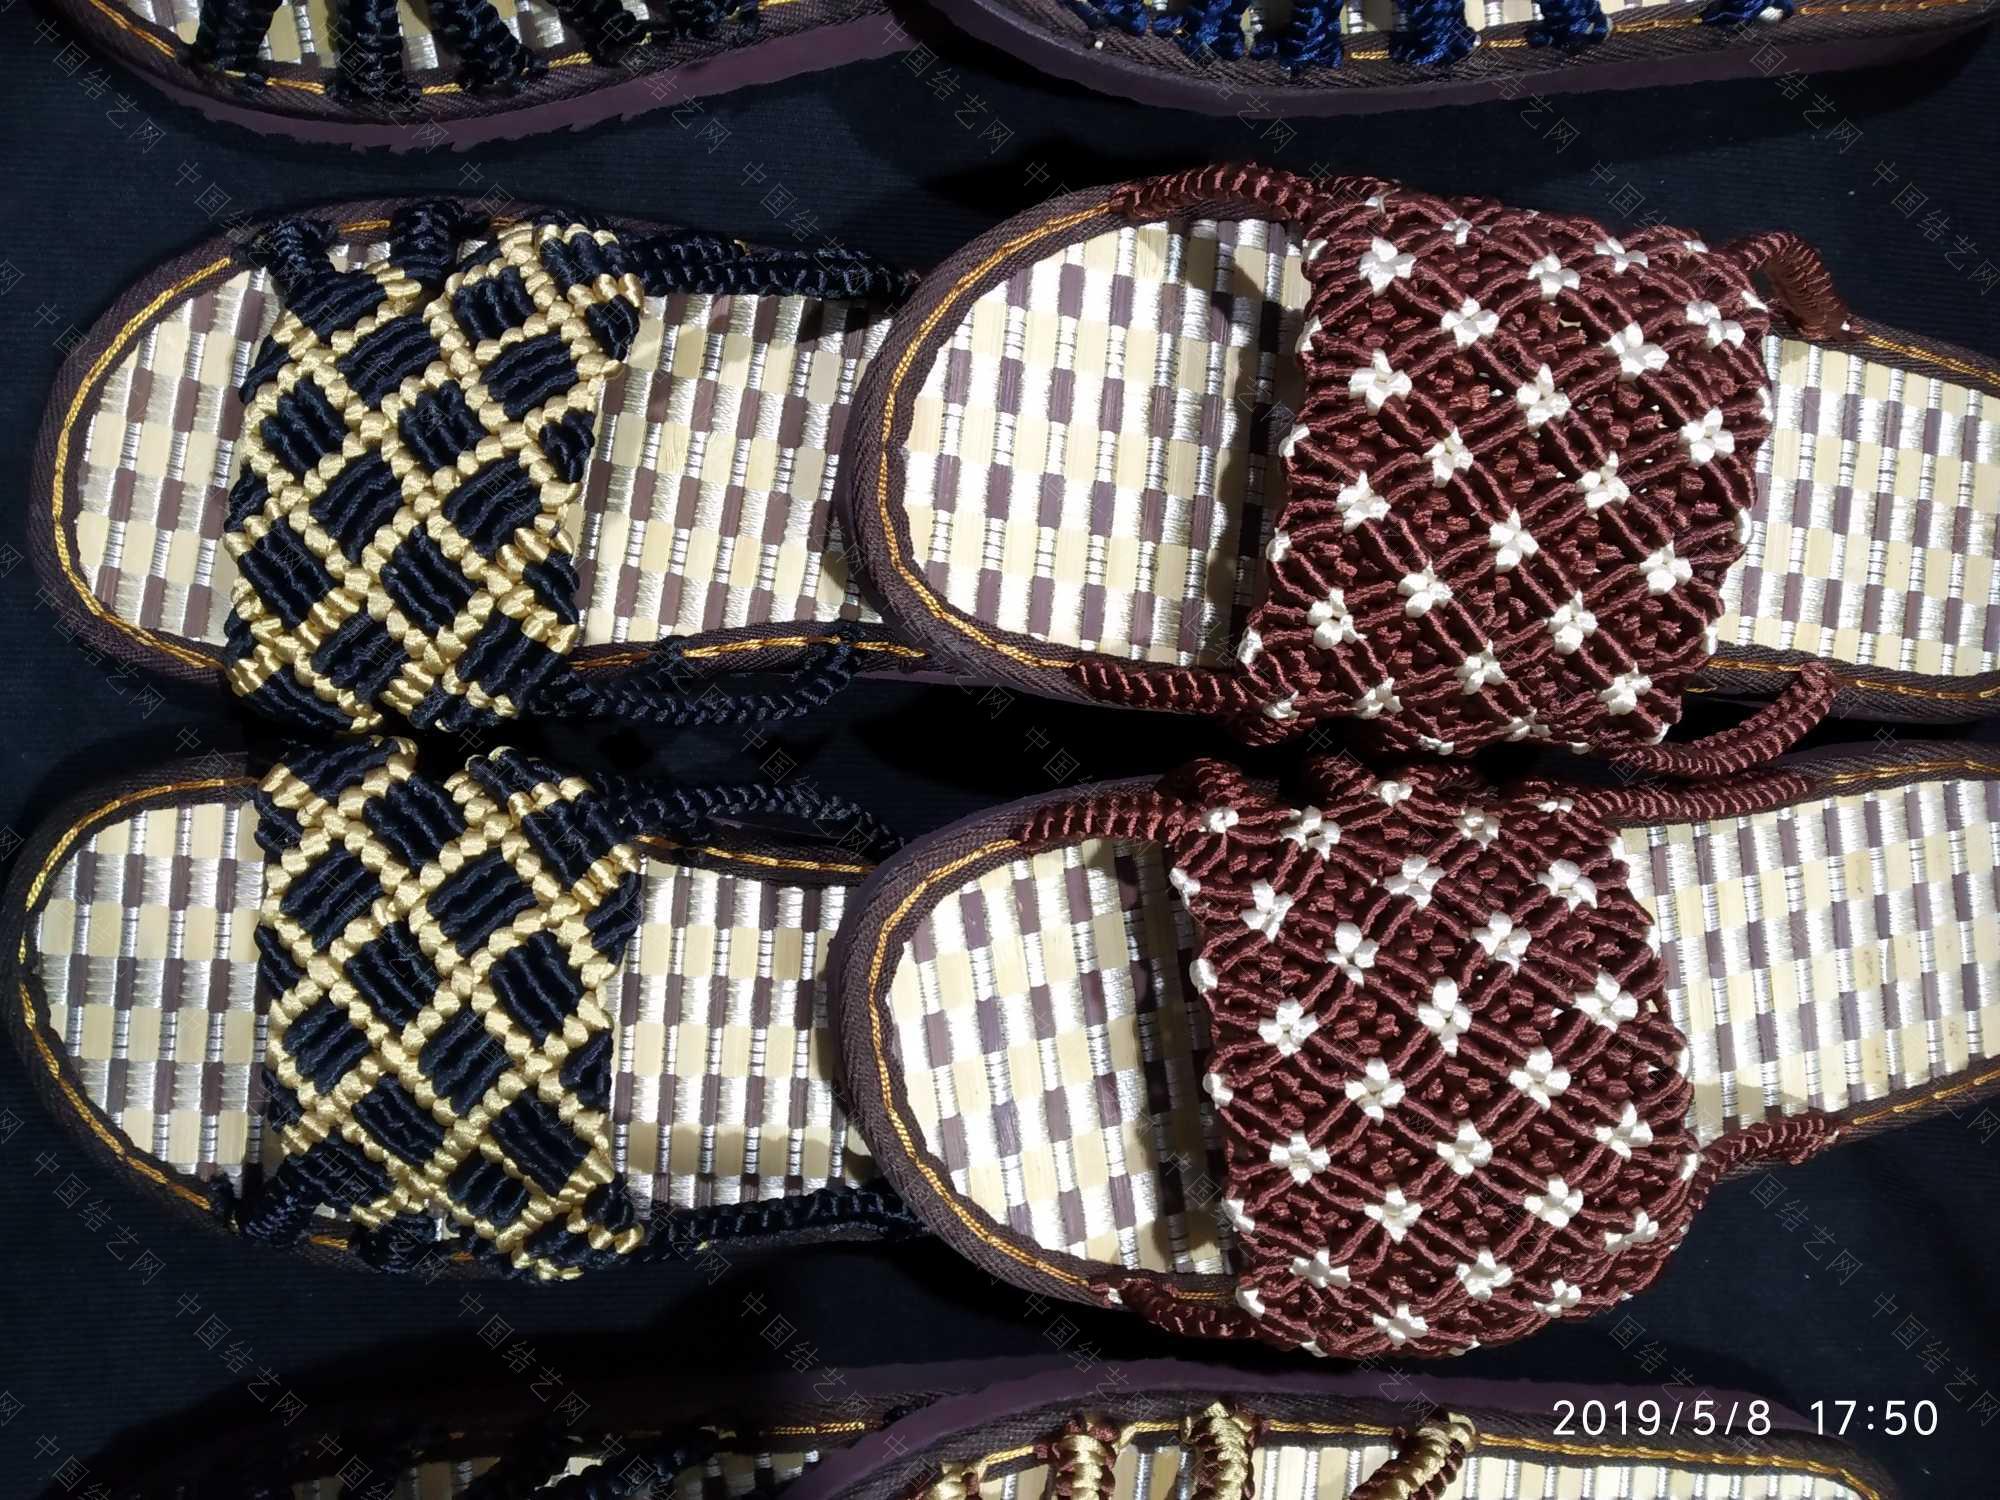 中国结论坛 中国结方块拖鞋44-45码  图文教程区 094823np02v0vz6vevsl6s